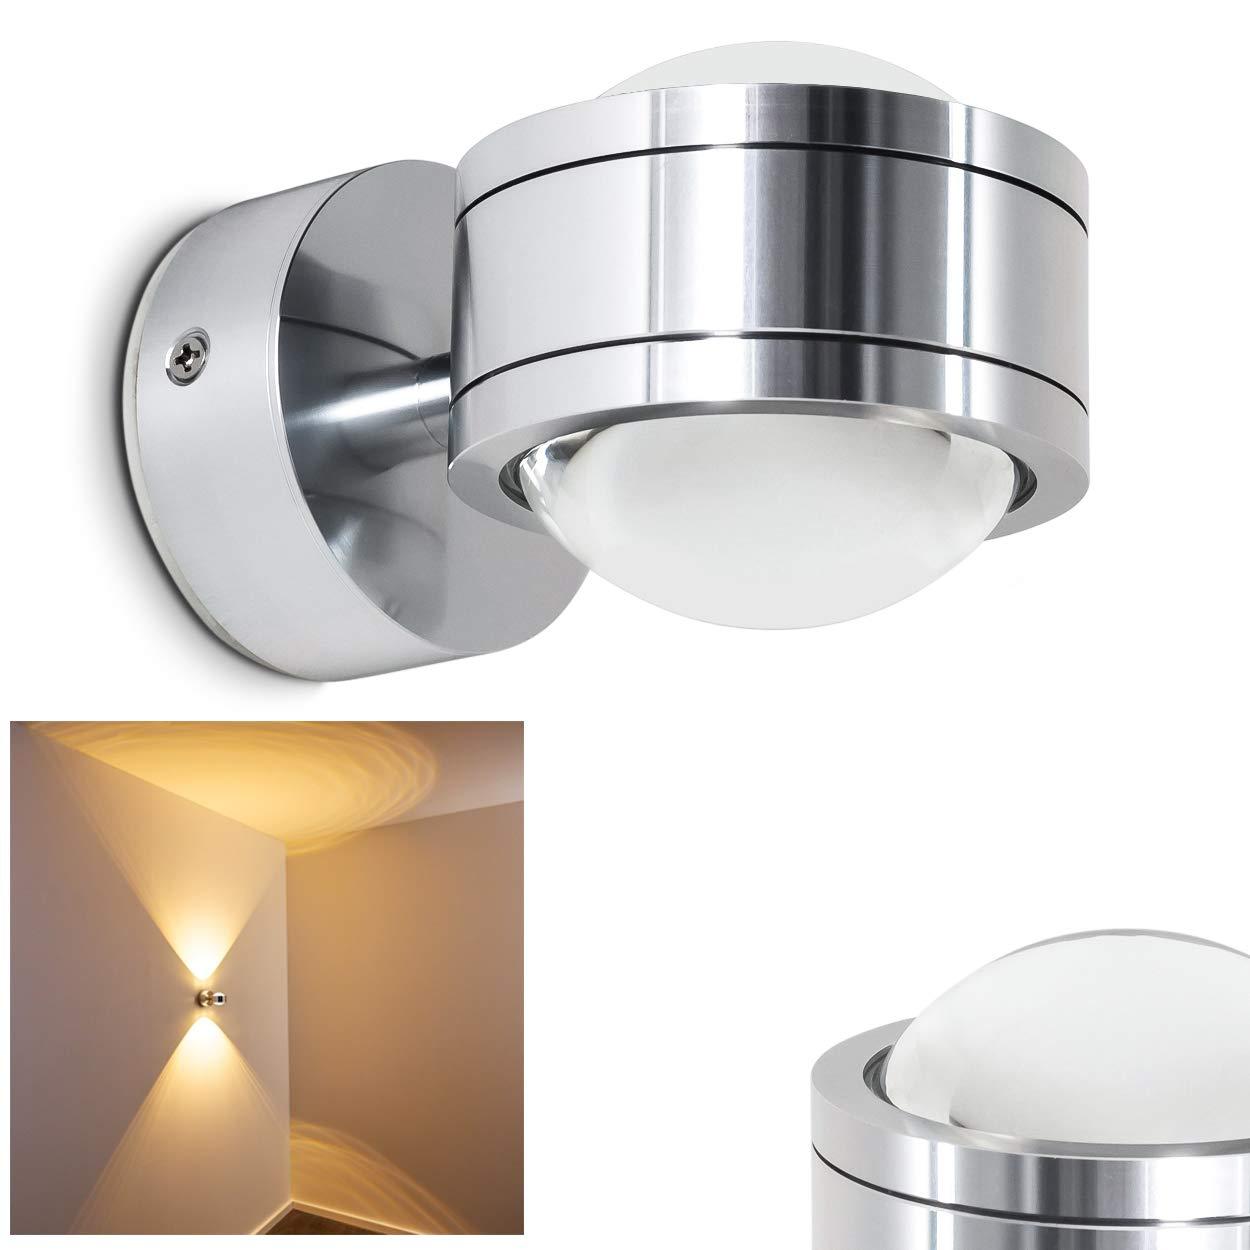 LED Wandleuchte Indore mit tollen Lichteffekten - Wandspot für das Wohnzimmer - LED Badezimmerlampe IP44 - Wandstrahler aus Metall mit 600 Lumen und 3000 Kelvin